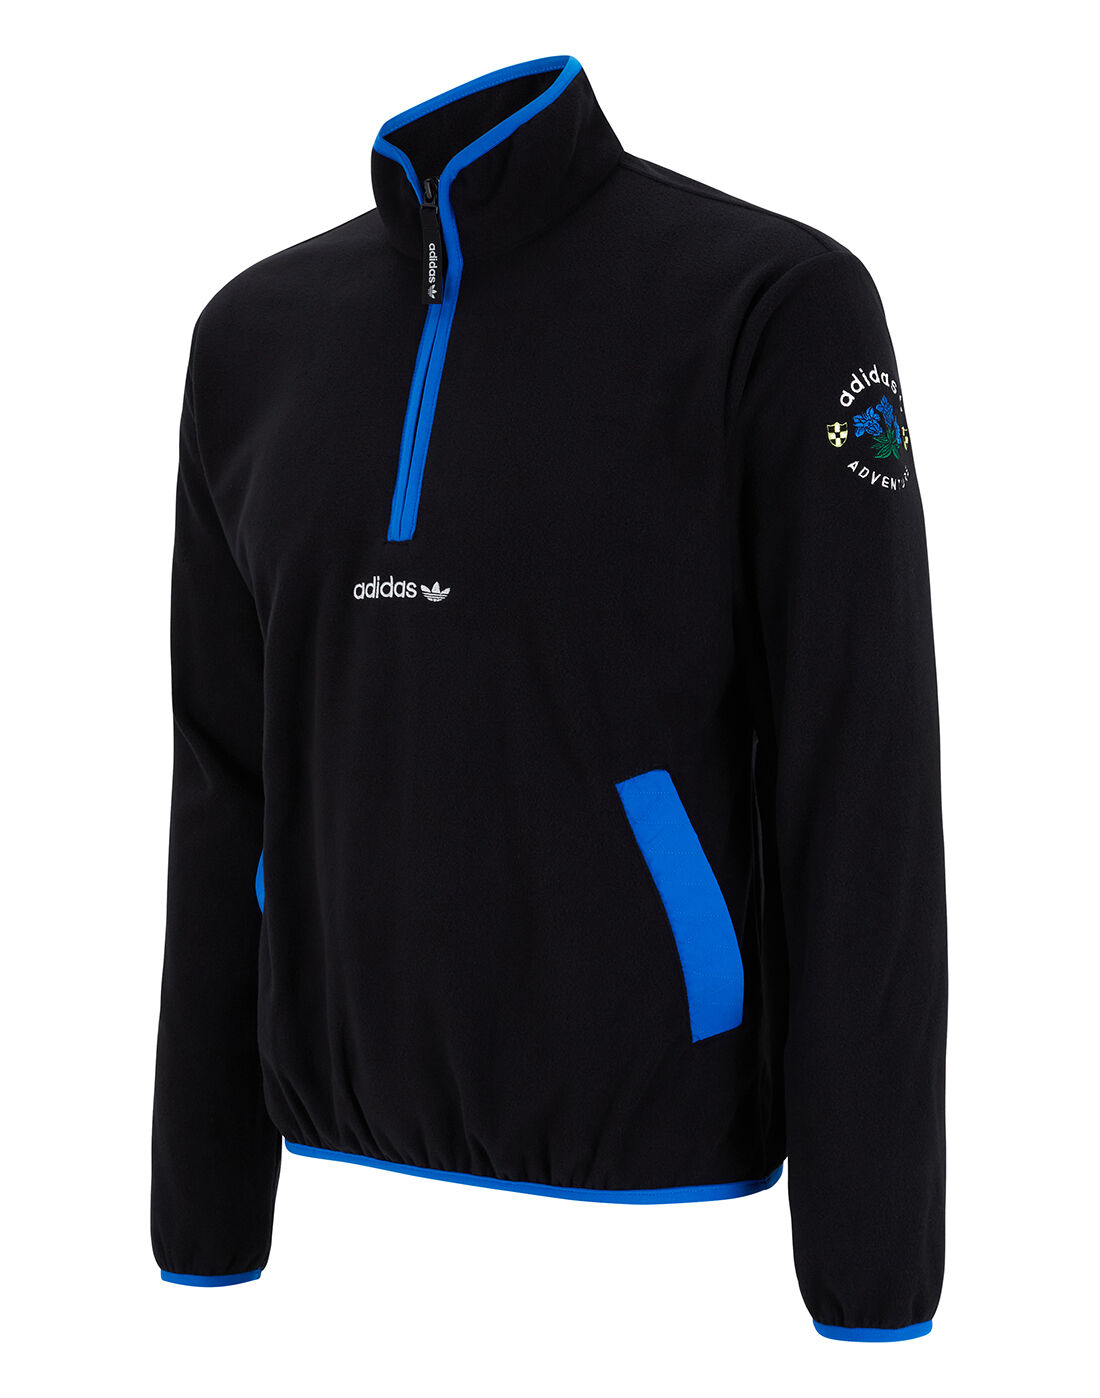 adidas Originals Mens ADV Half Zip Fleece Top - Black | bluza ...